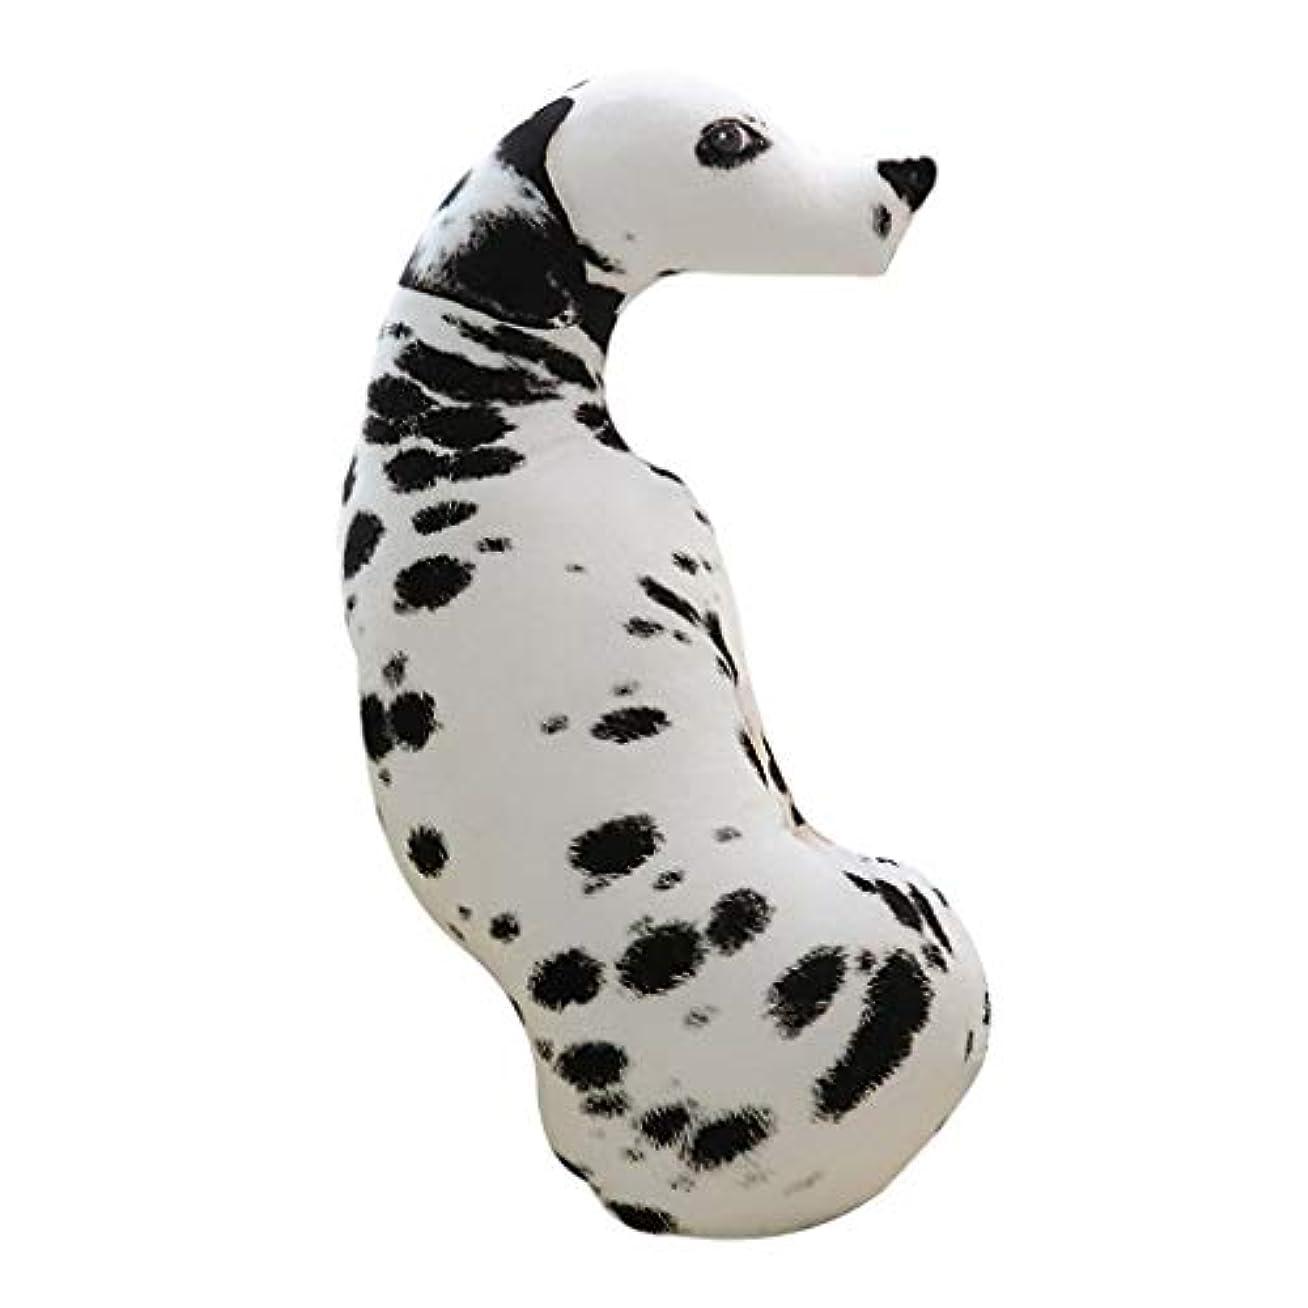 外科医批判アヒルLIFE 装飾クッションソファおかしい 3D 犬印刷スロー枕創造クッションかわいいぬいぐるみギフト家の装飾 coussin decoratif クッション 椅子